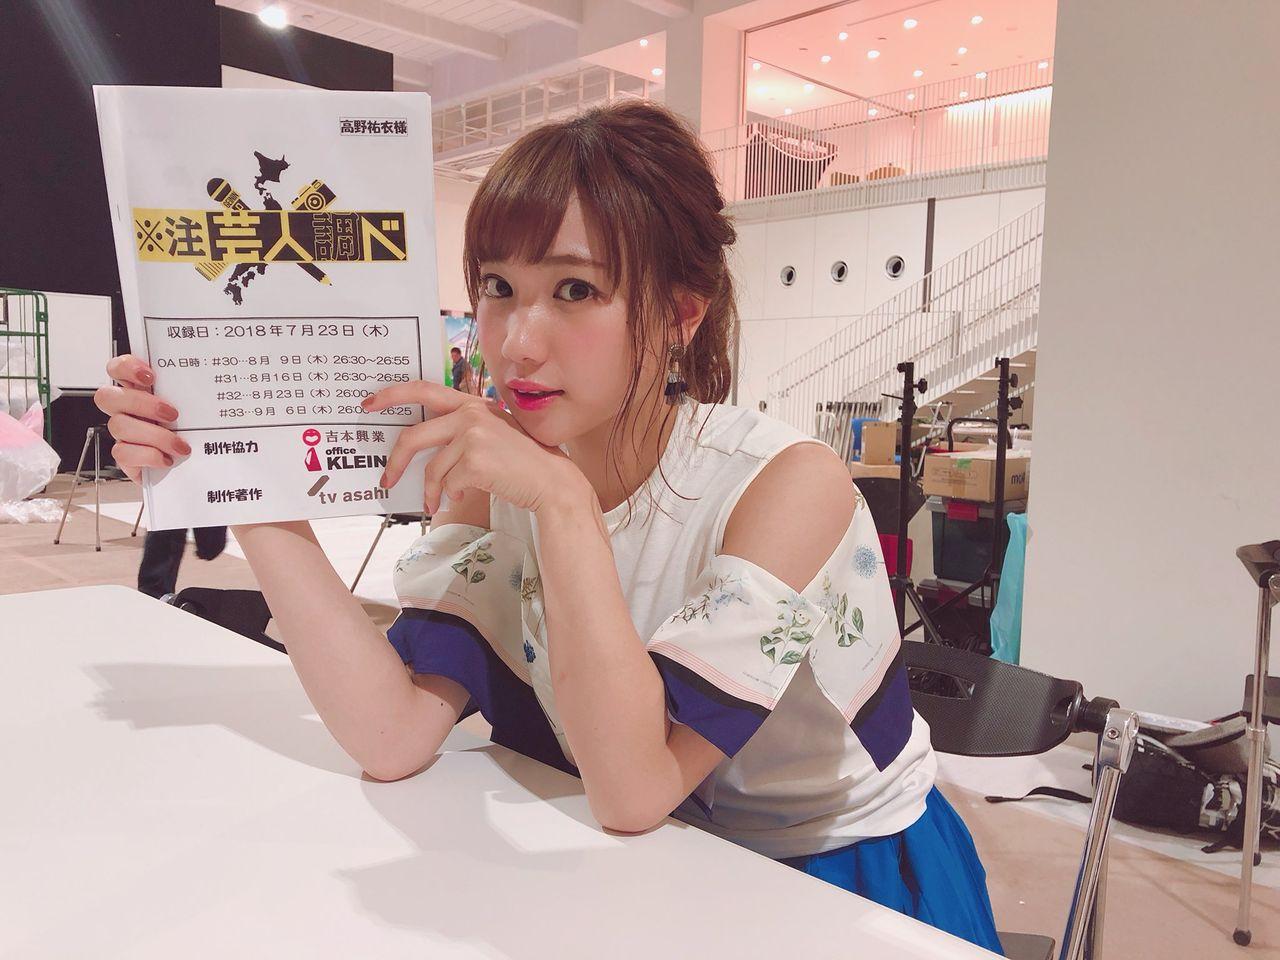 【速報】吉本坂46 第1期オーディションの合格者wwwwwwww